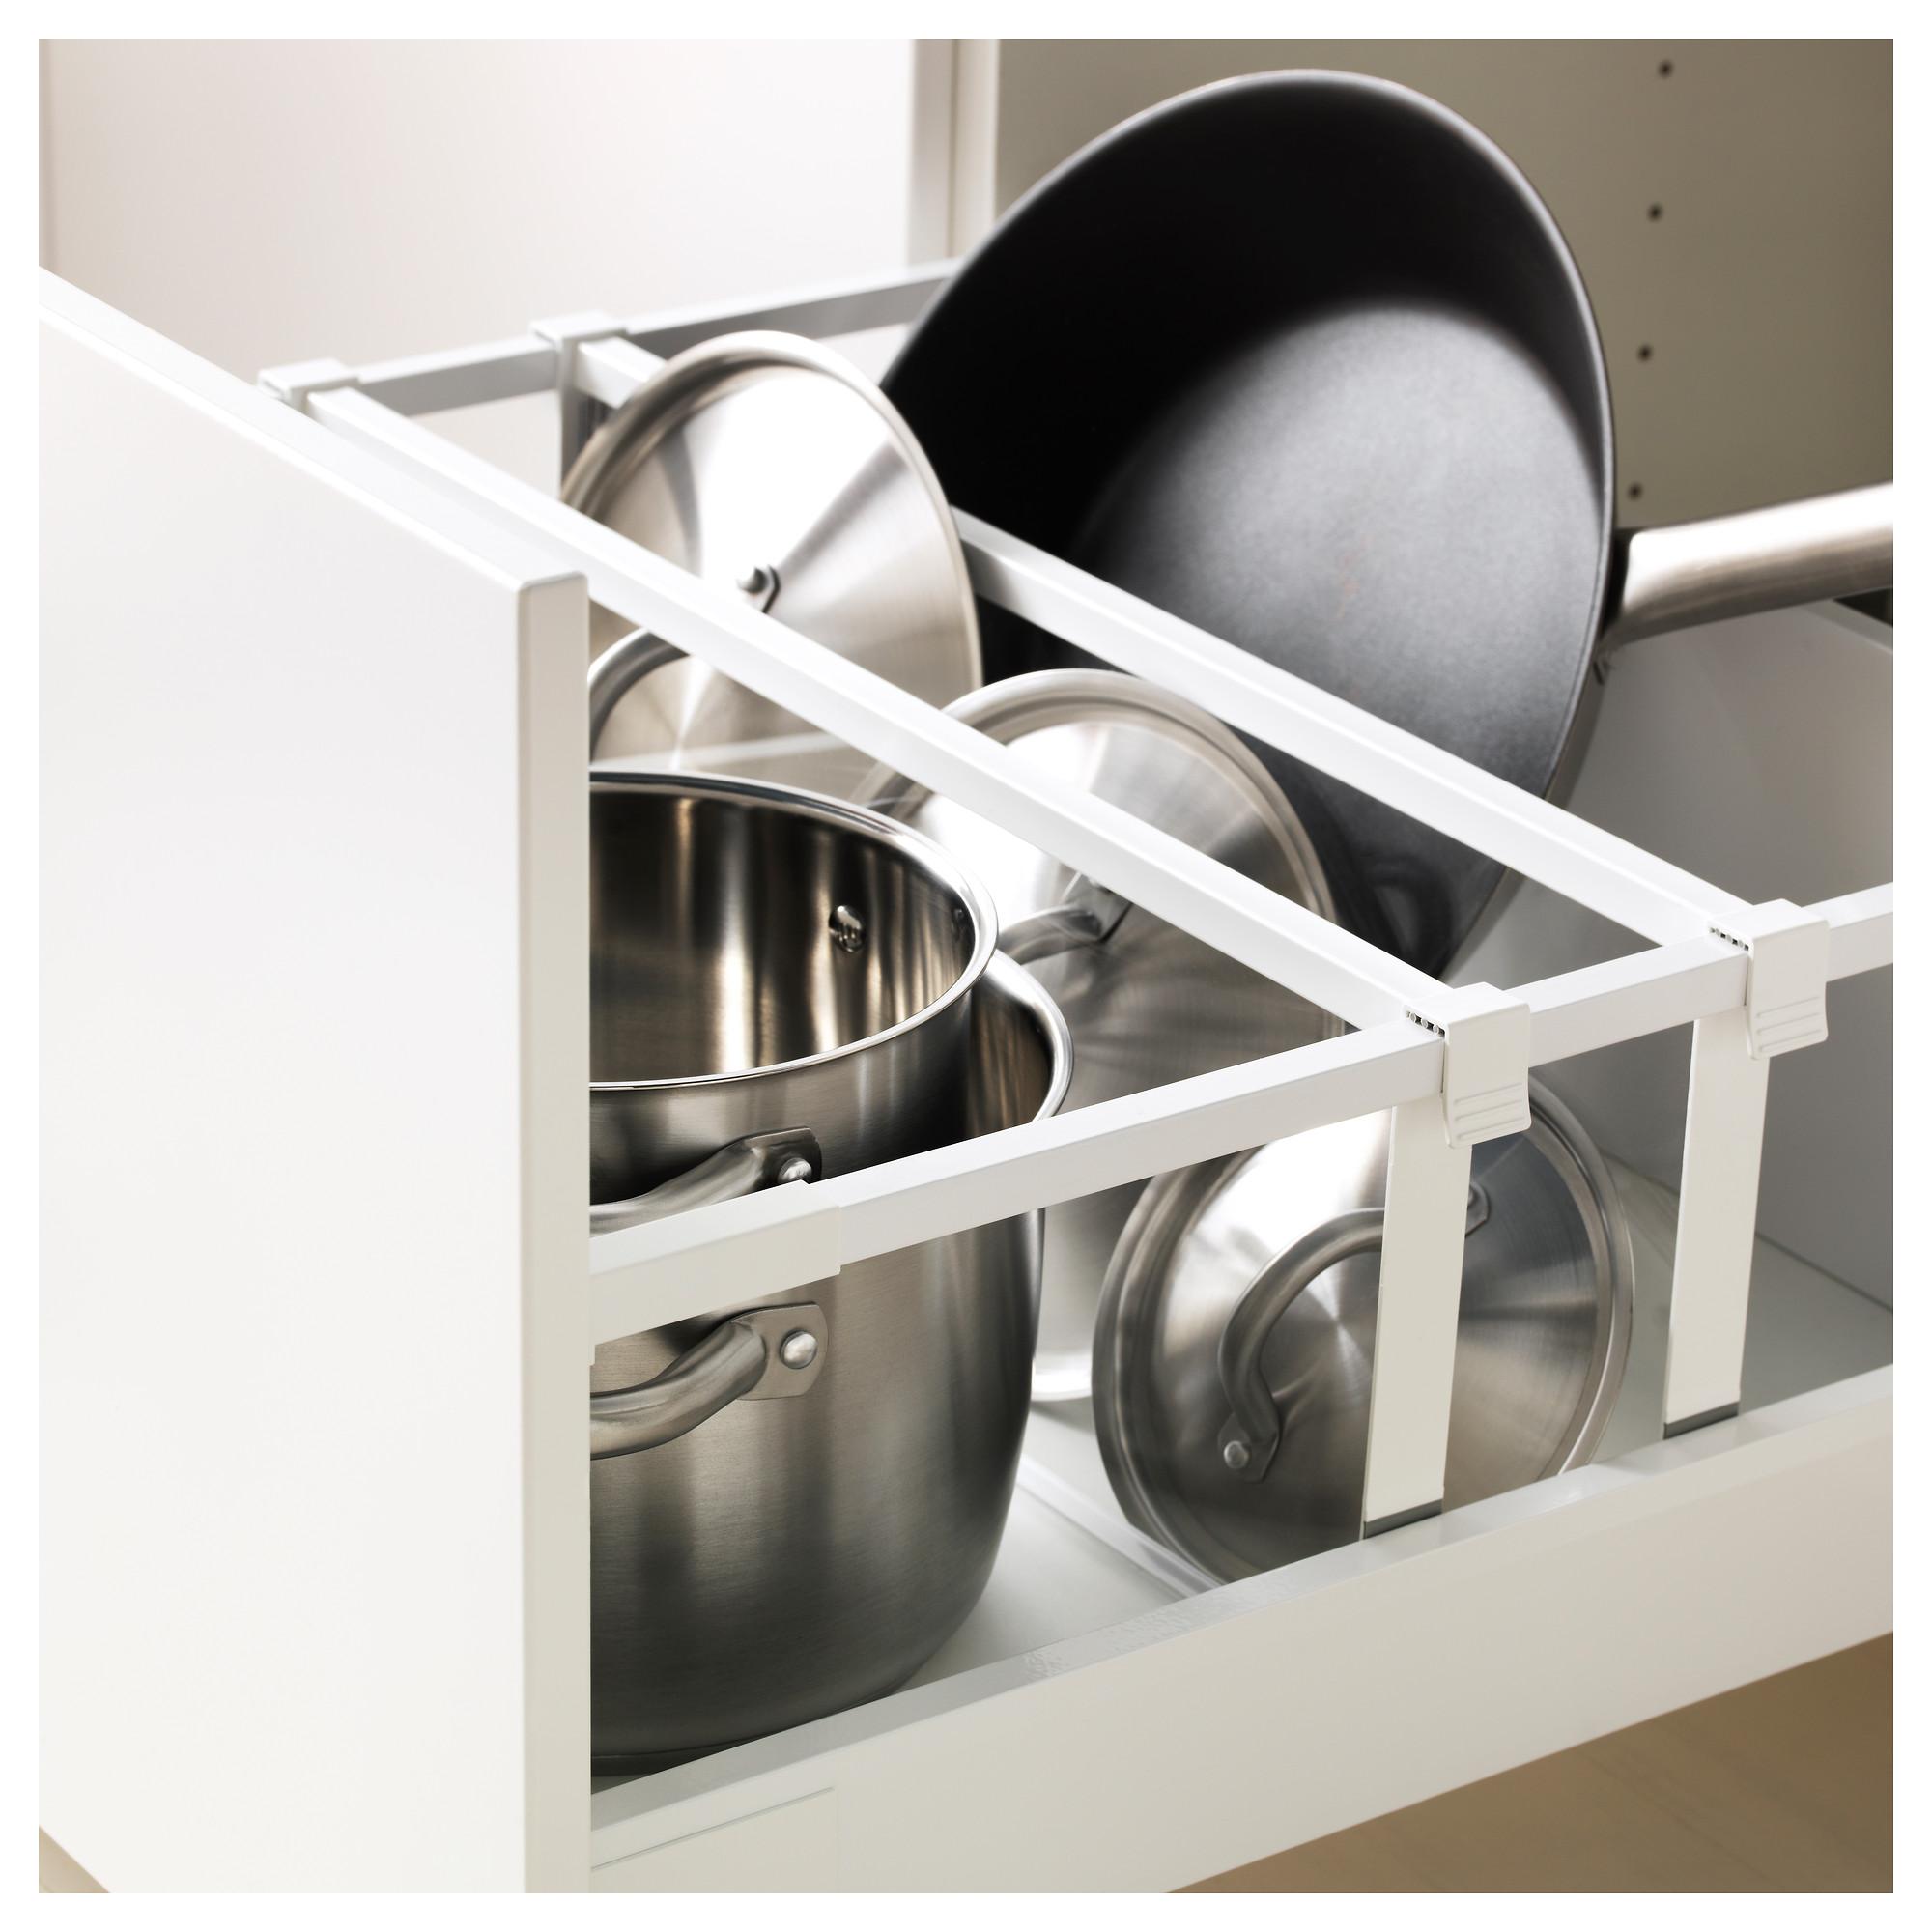 Высокий шкаф для холодильника, с дверцами, 3 ящика МЕТОД / МАКСИМЕРА белый артикуль № 692.378.68 в наличии. Интернет магазин IKEA Беларусь. Недорогая доставка и соборка.